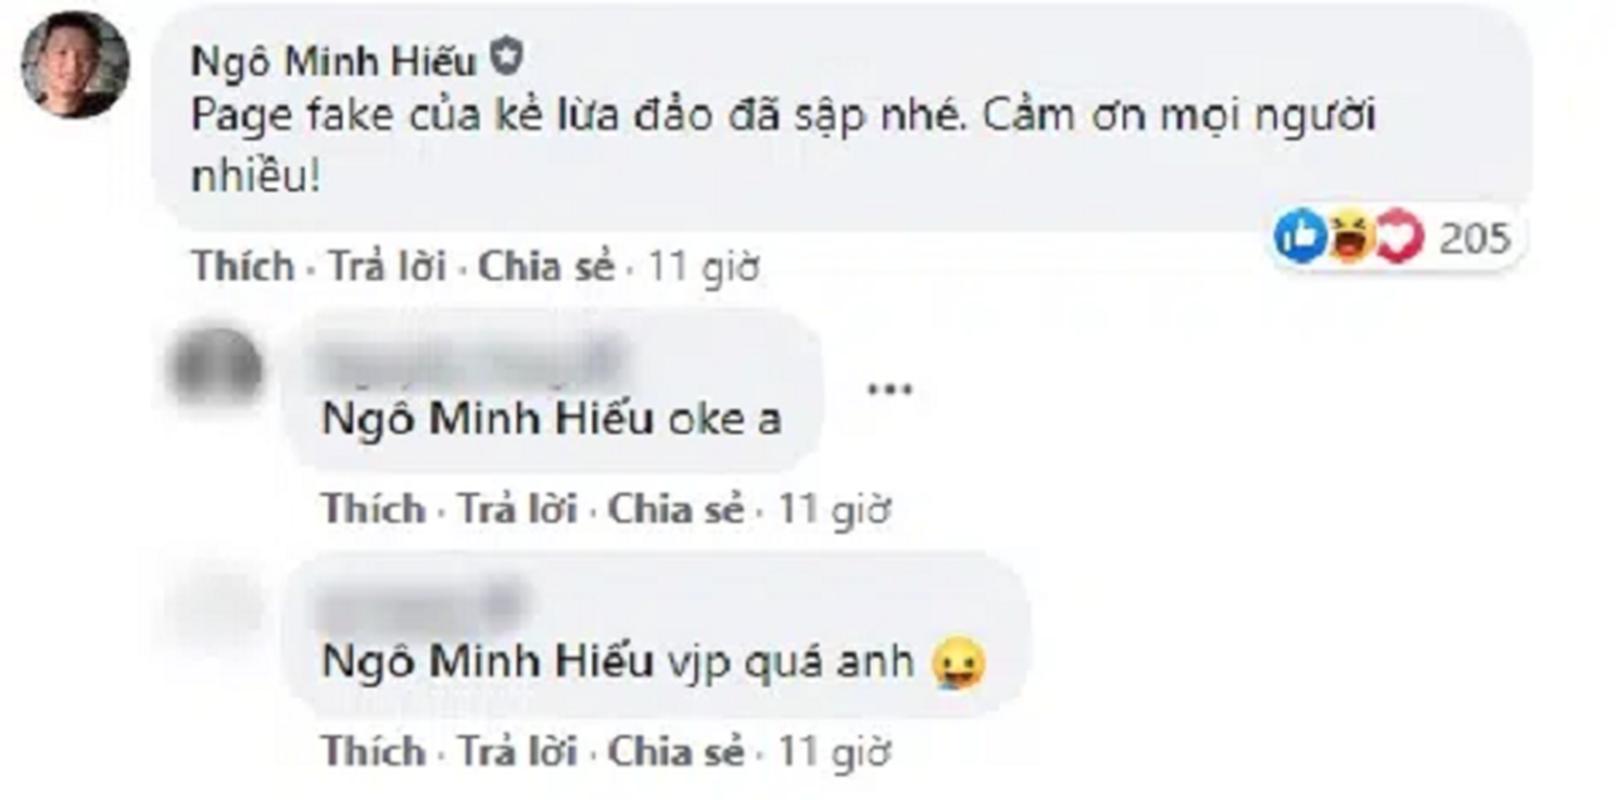 Hieu PC bi lap group anti sau khi danh bay trang web lua dao-Hinh-5